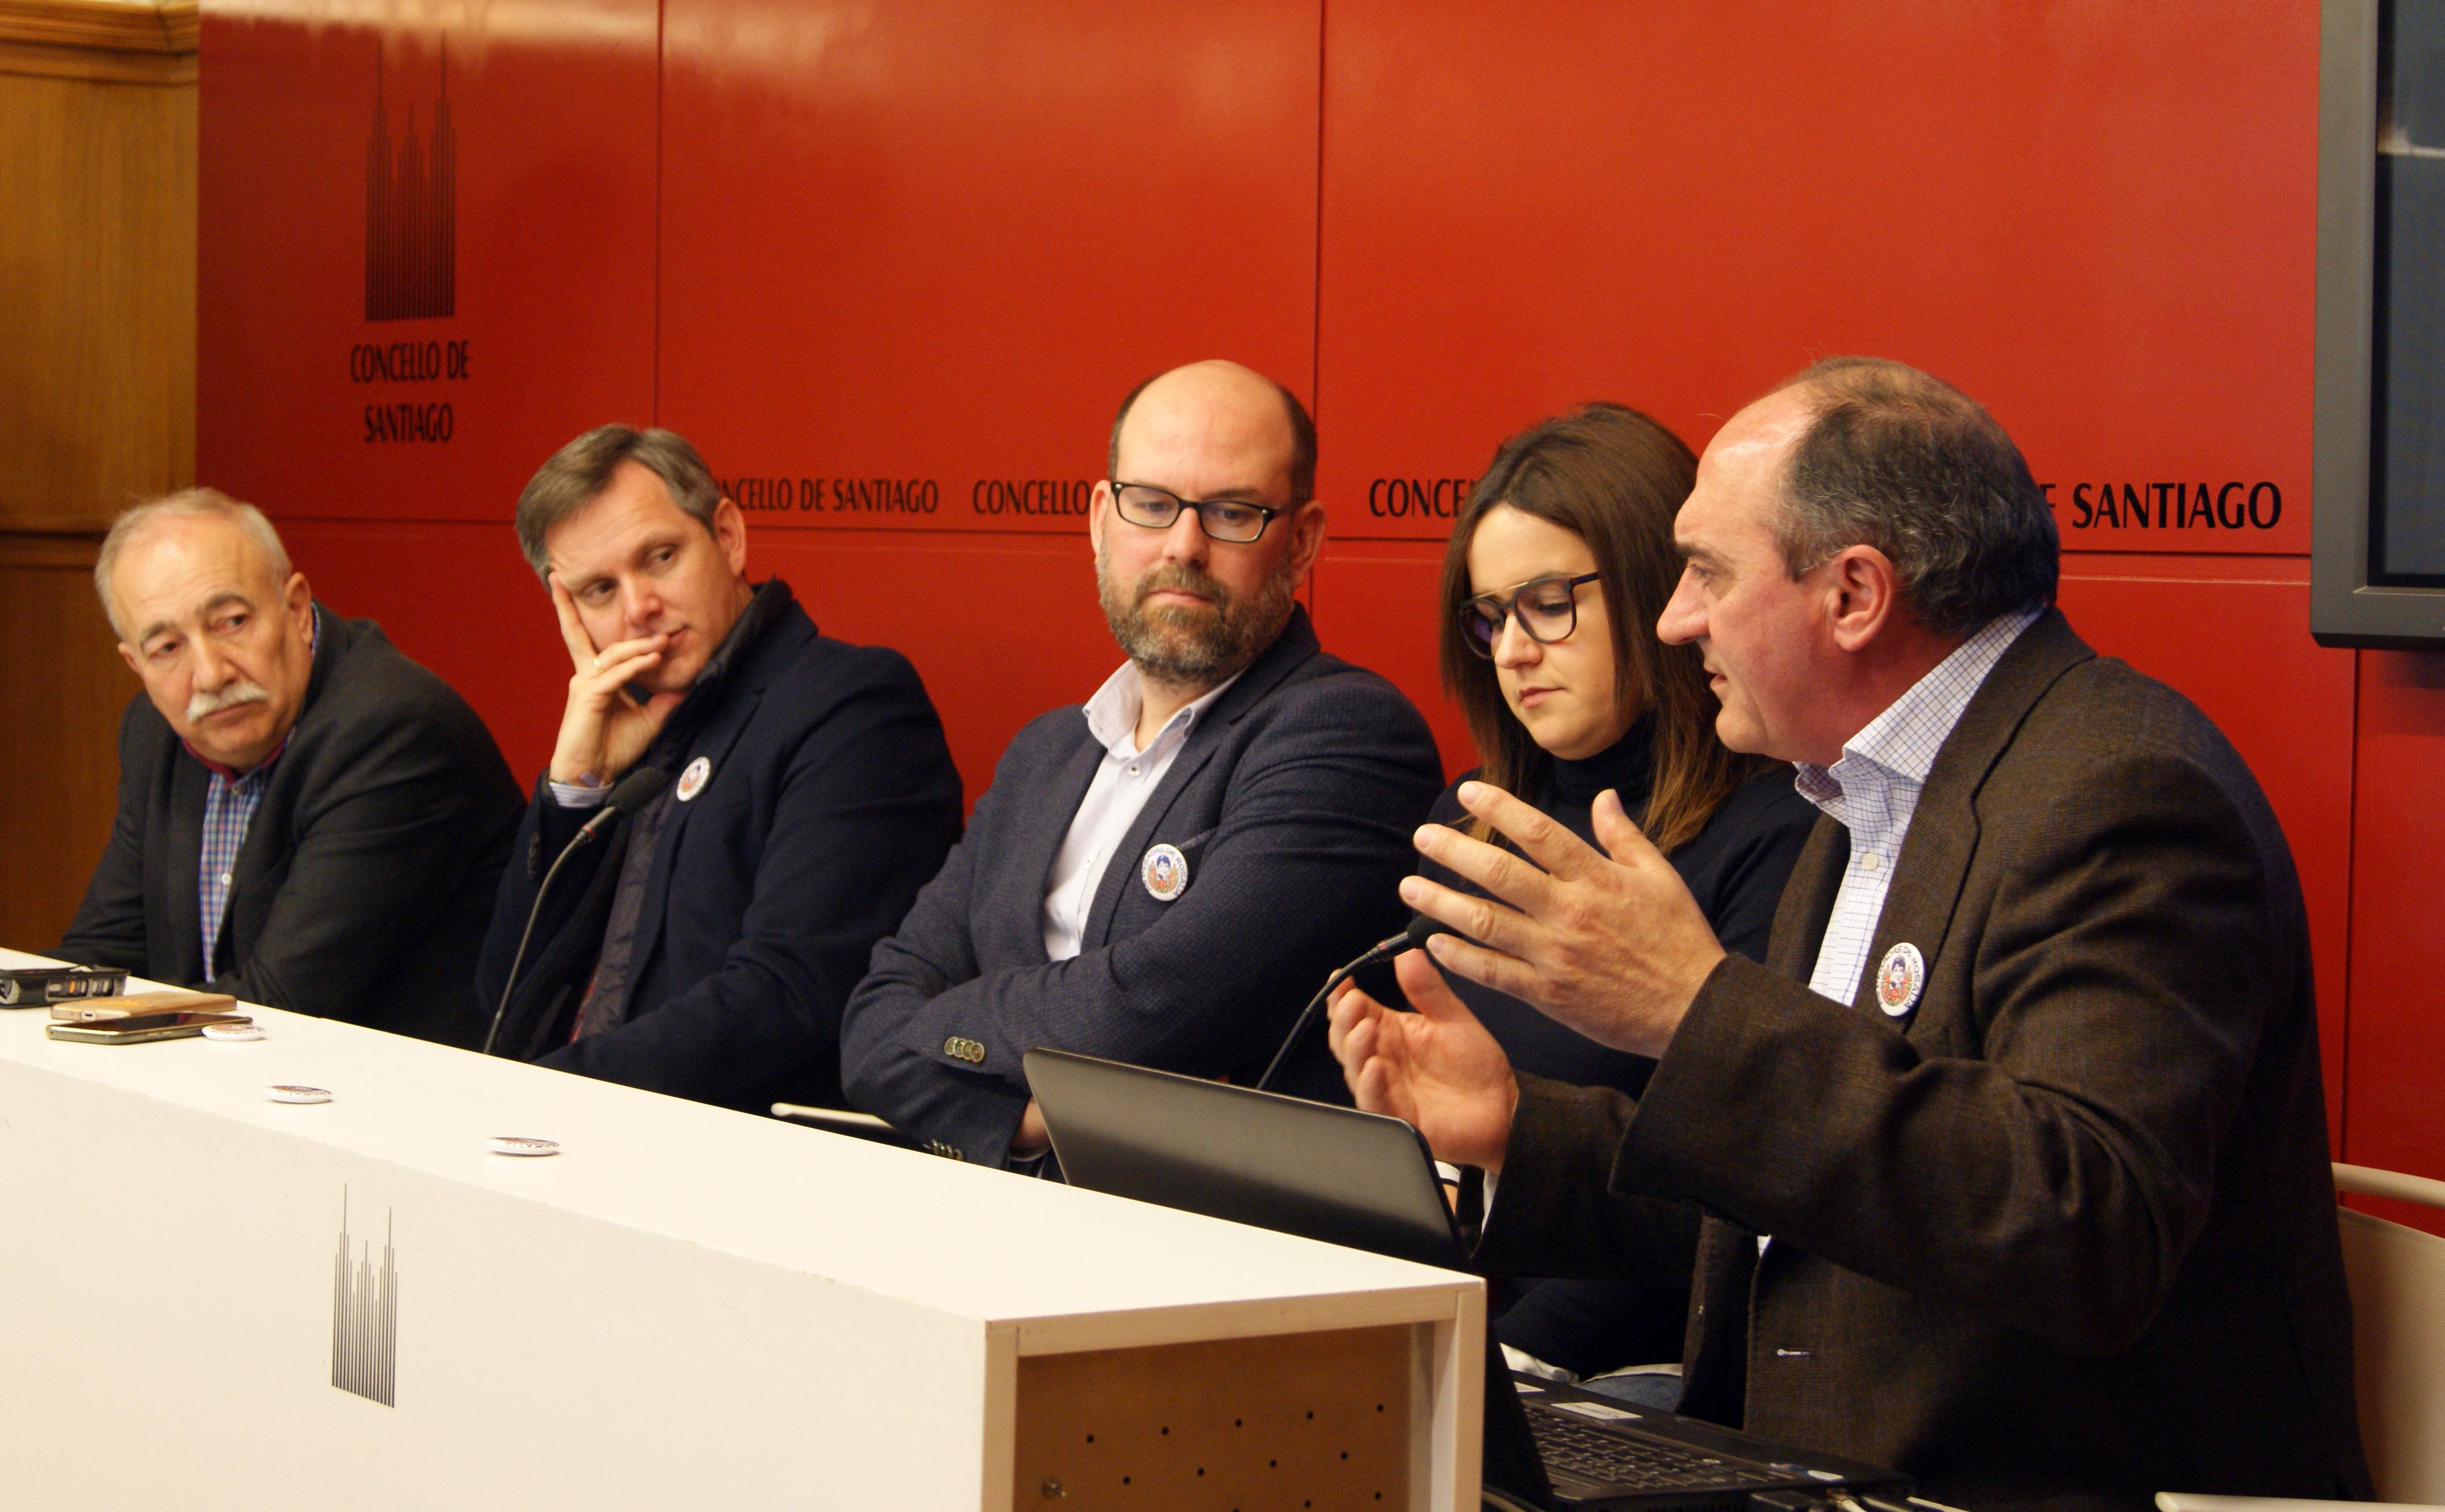 Xosé Luis García, José Miñones, Martiño Noriega, Lorena Couso e Anxo Angueira.